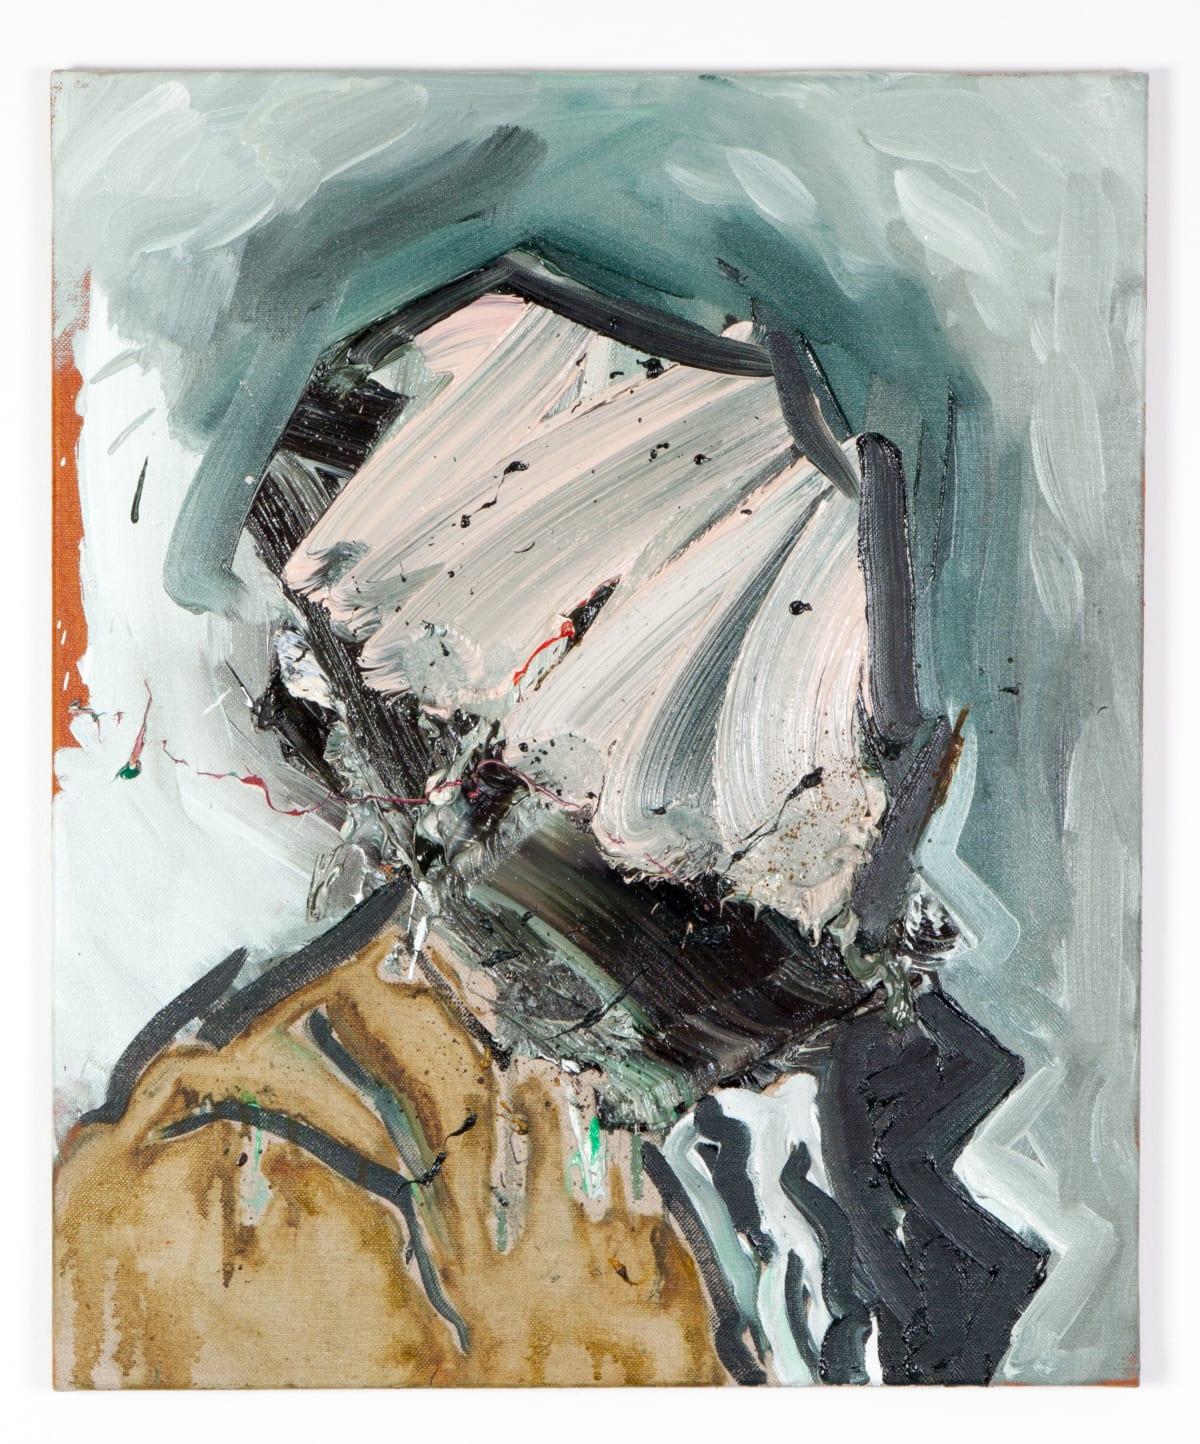 Toby Raine, Cezanne Beard 2 (After Cezanne), 2015